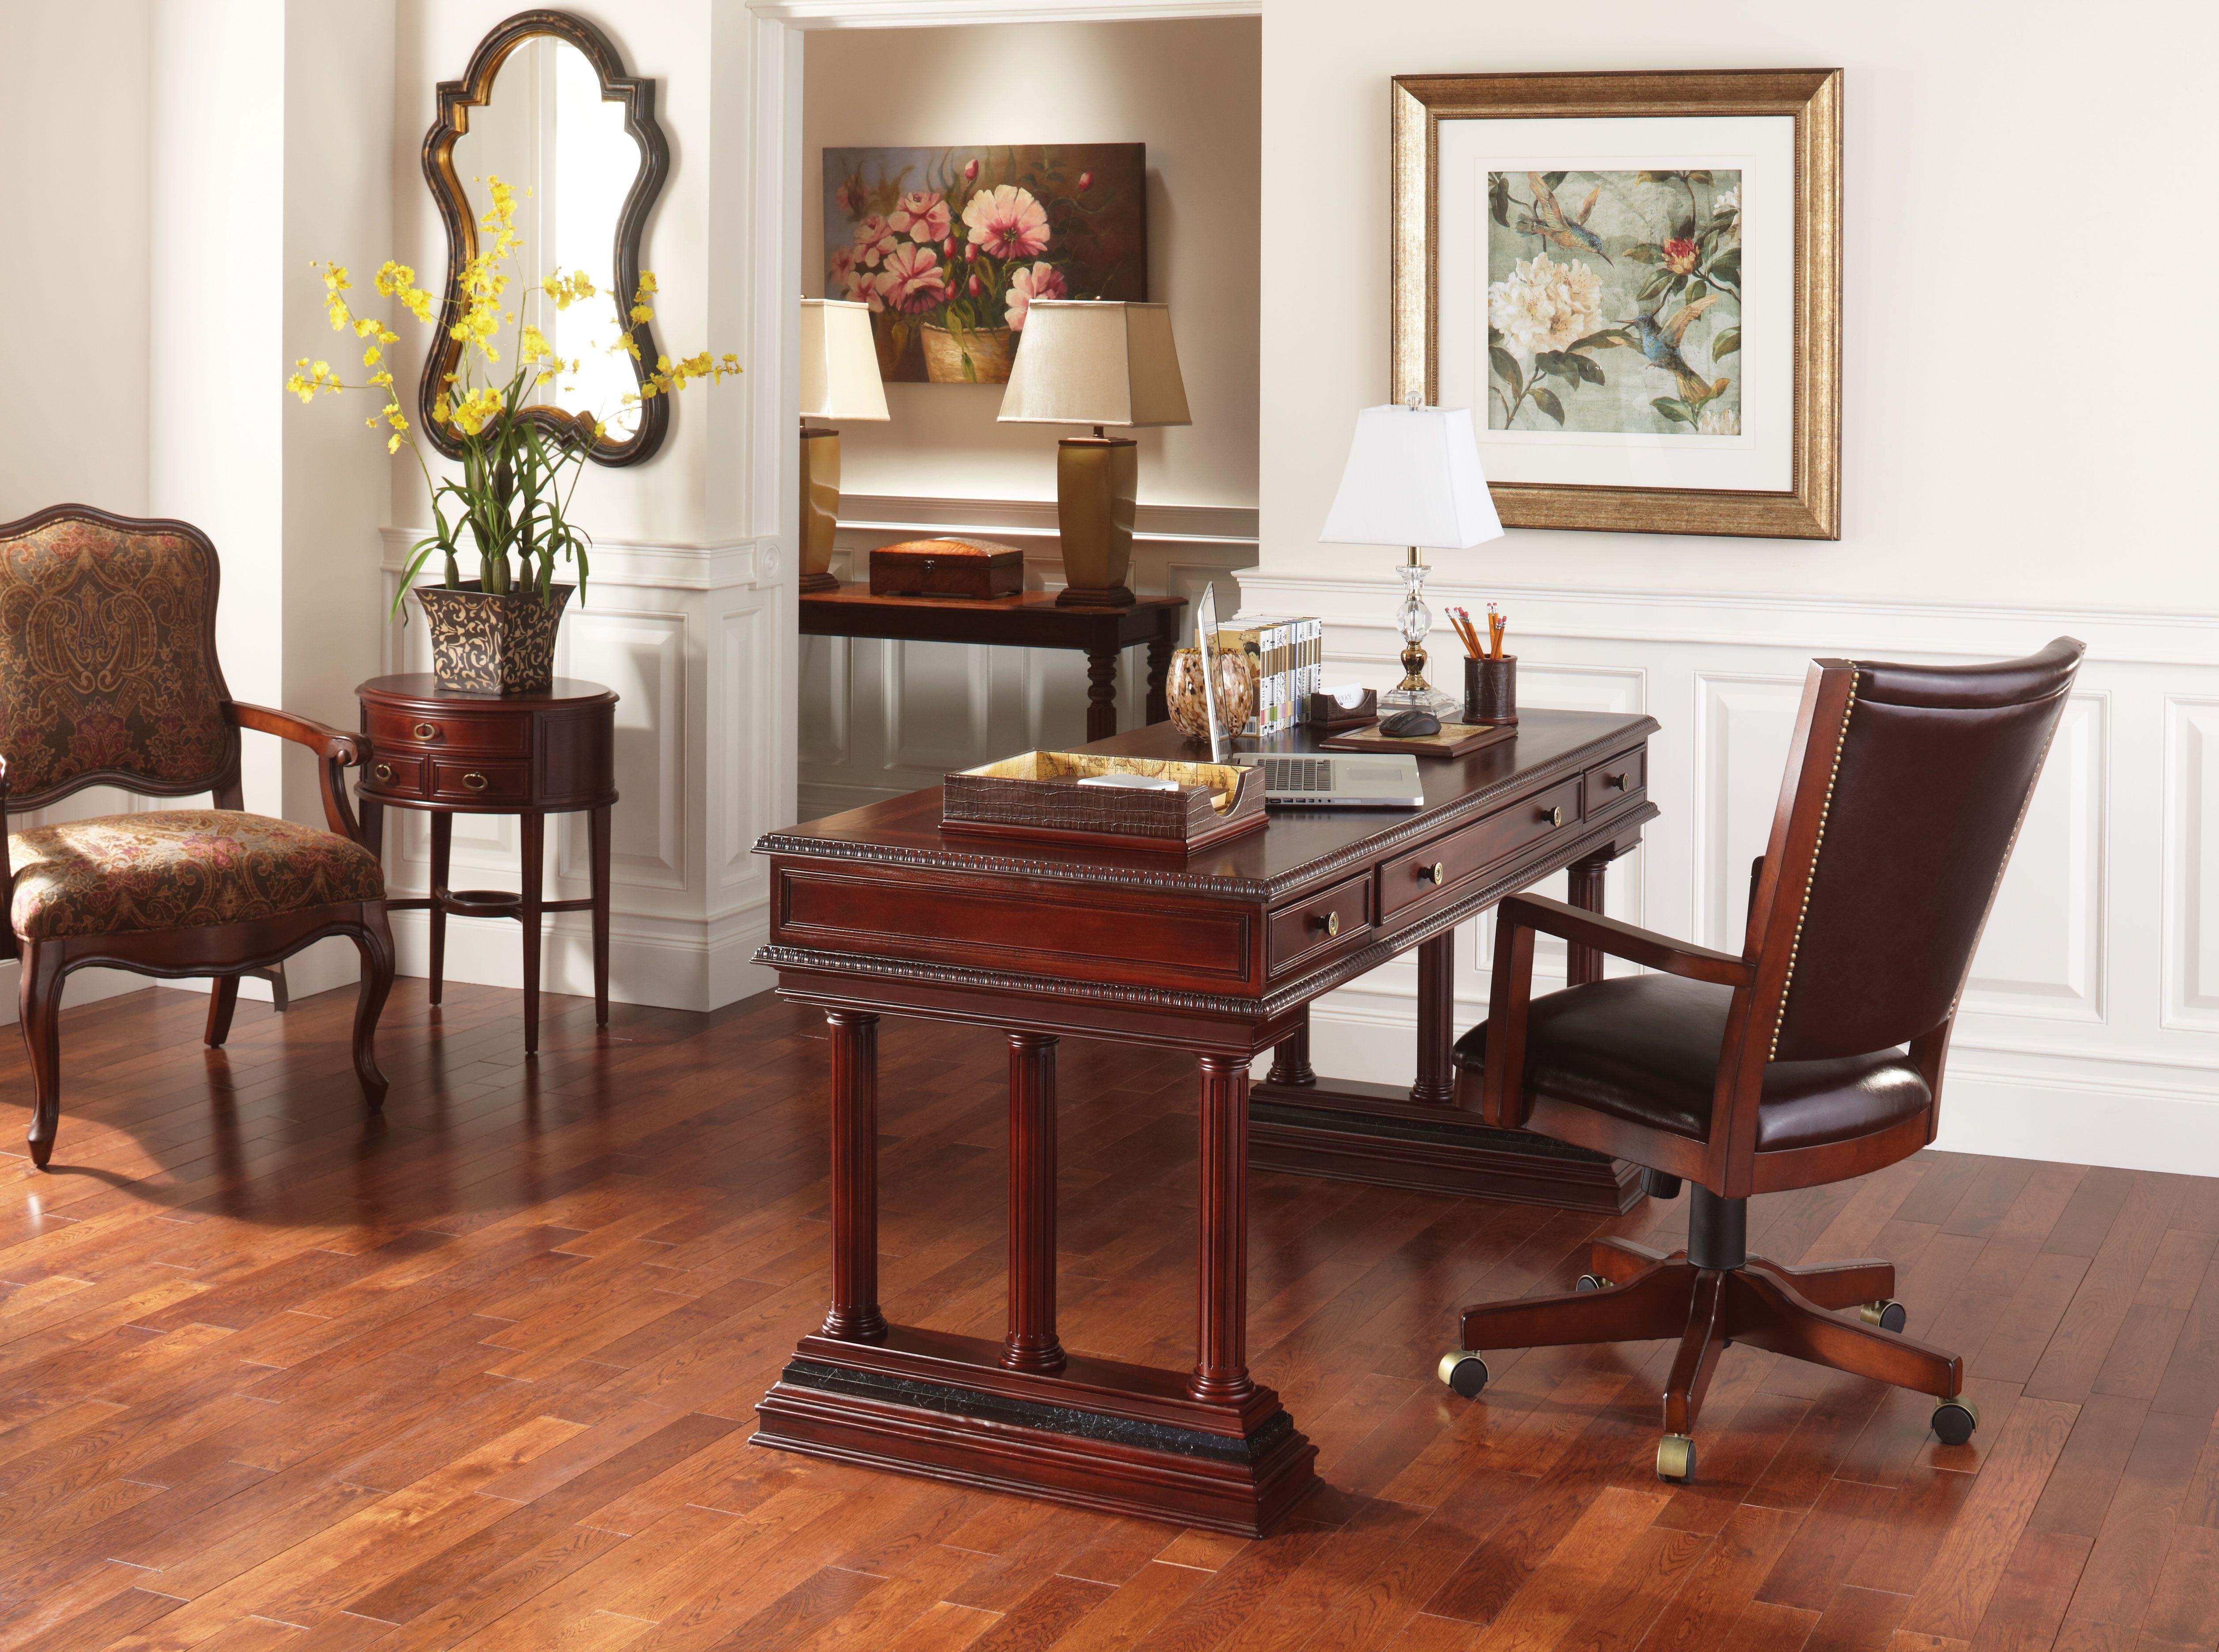 Richmond Desk Bombay Canada Home Interior Design Home Decor